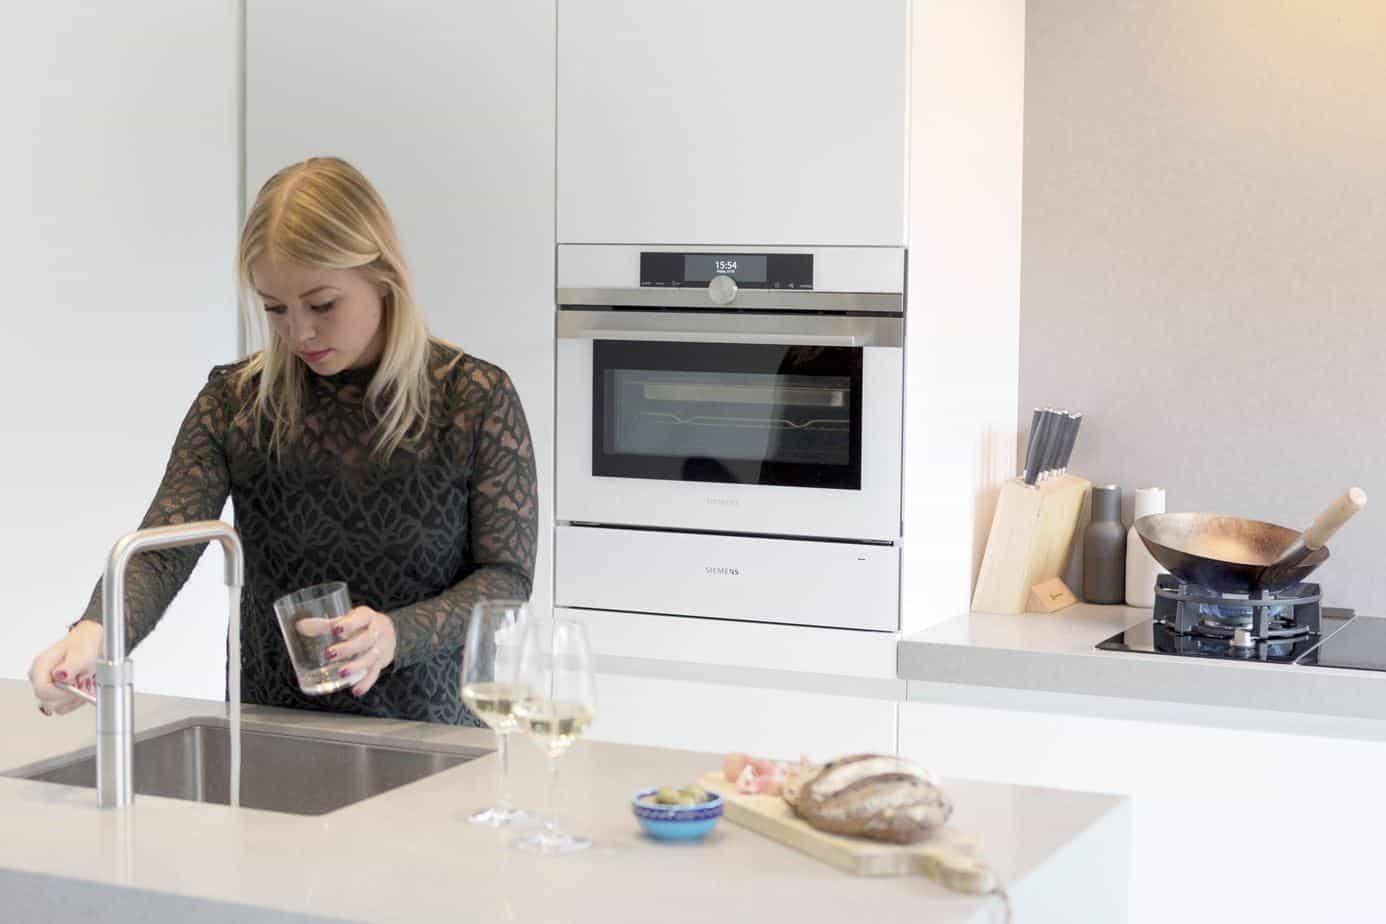 Keukenrenovatie: onze specialiteit